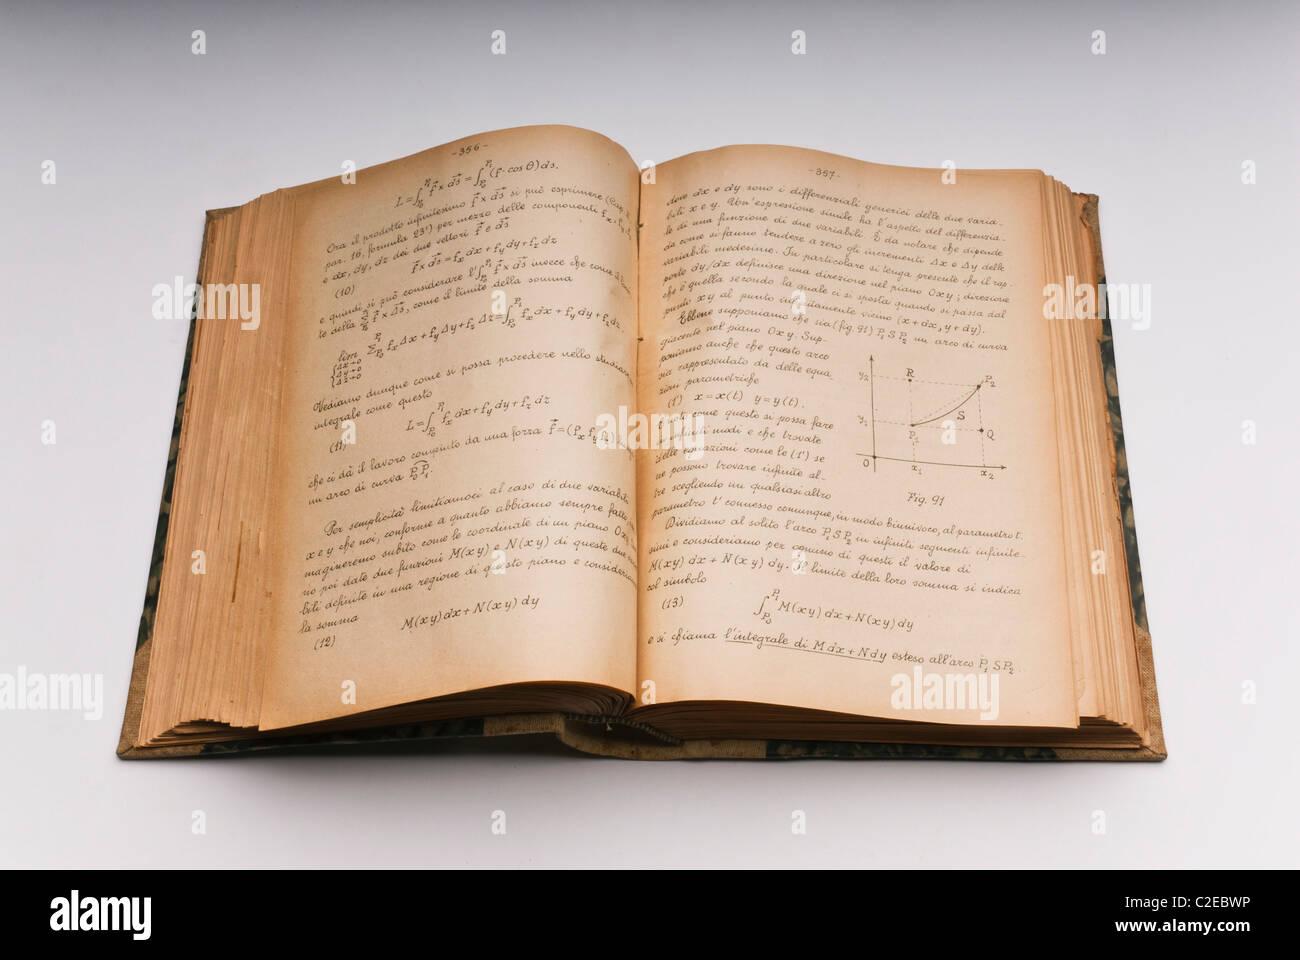 Une vieille grande ouverte de la réserve de la physique avec des pages jaunies et caractères calligraphiques Banque D'Images